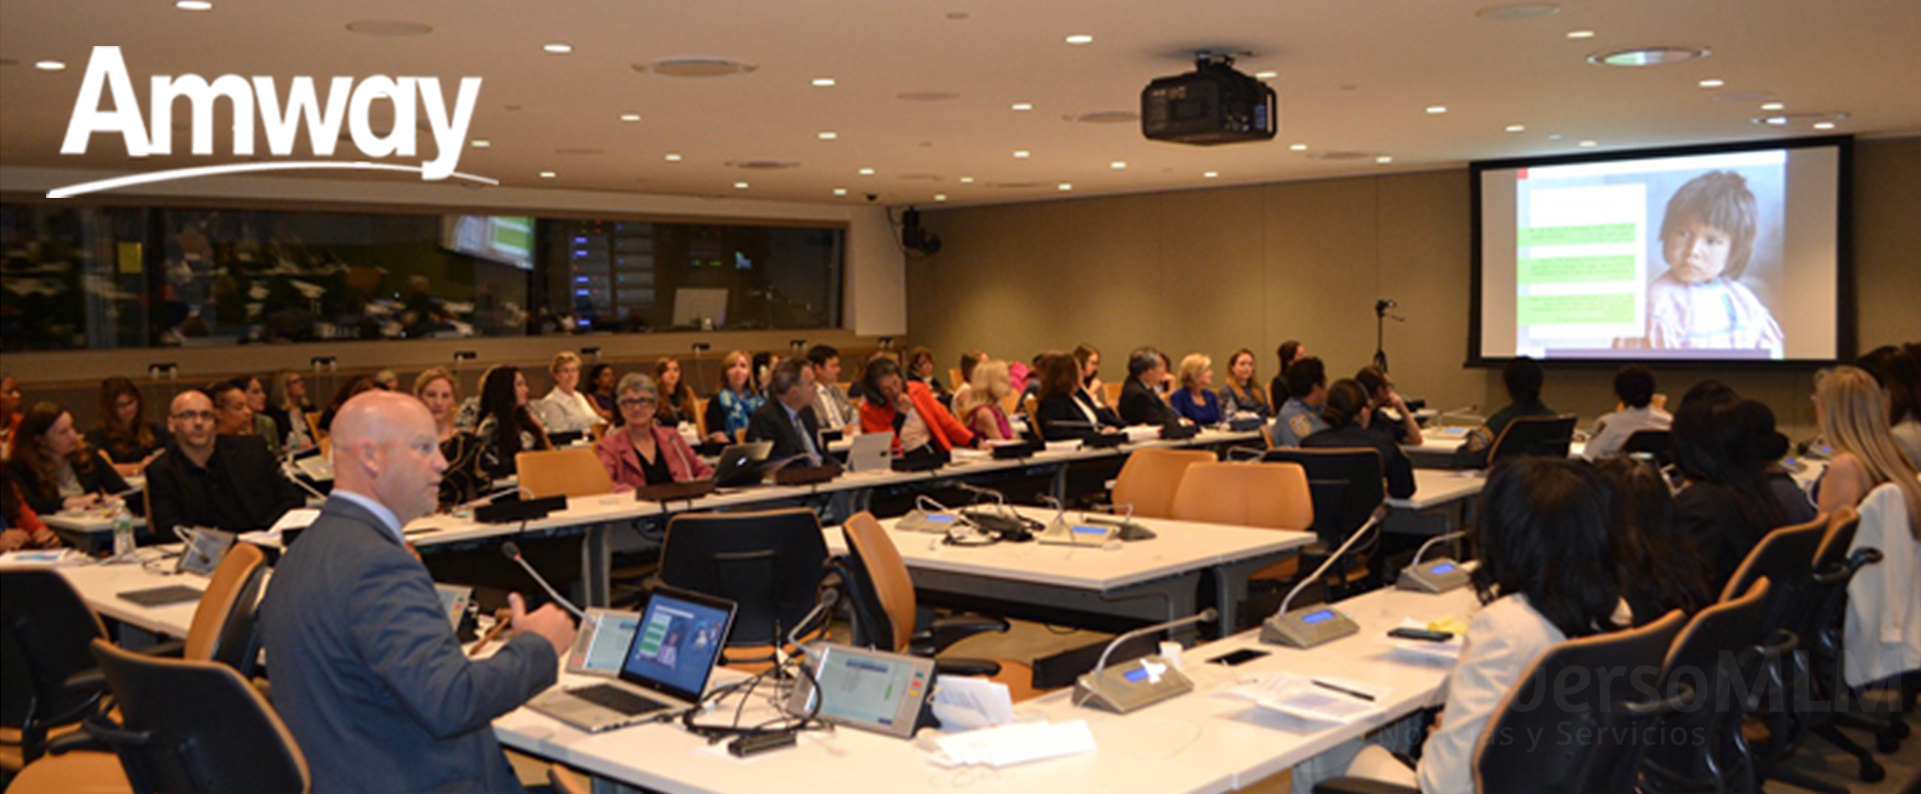 Amway participa en Ideagen UN Empowerporing Women & Women 2030 Summit